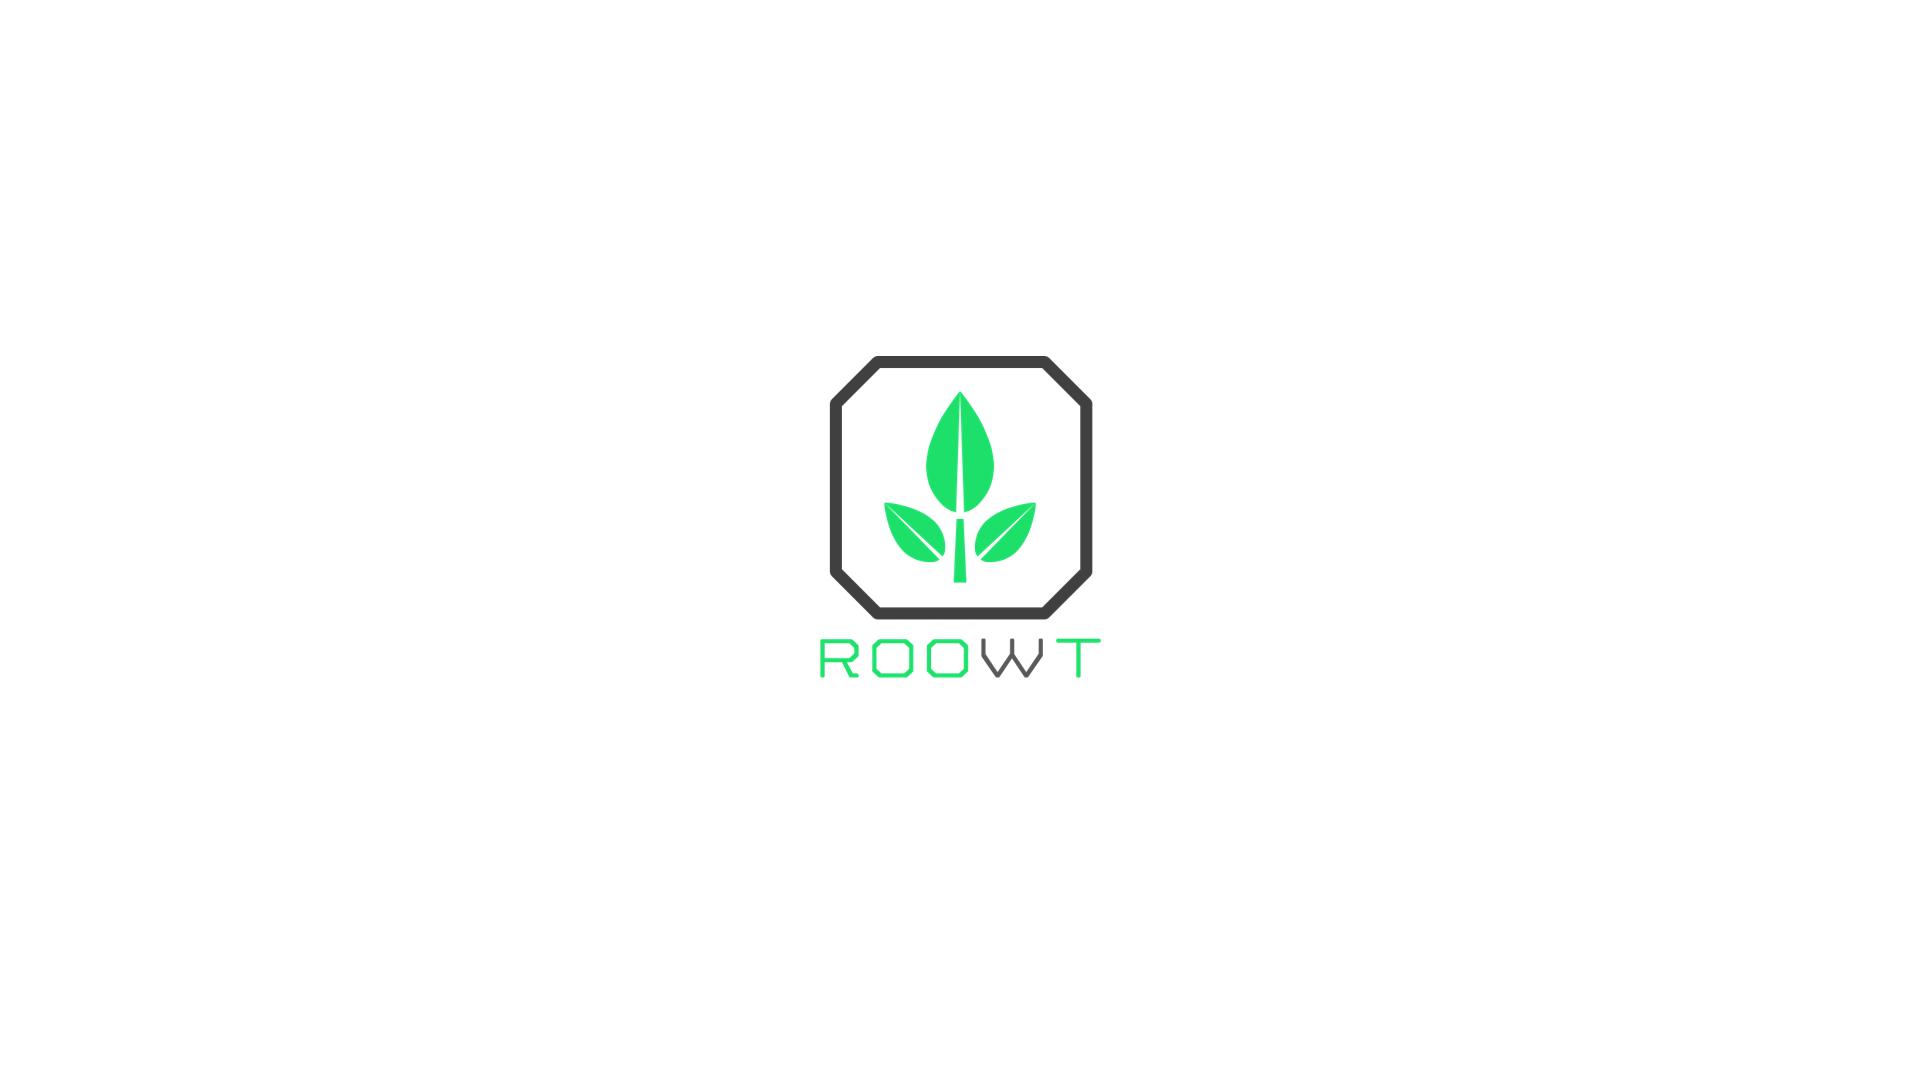 roowt